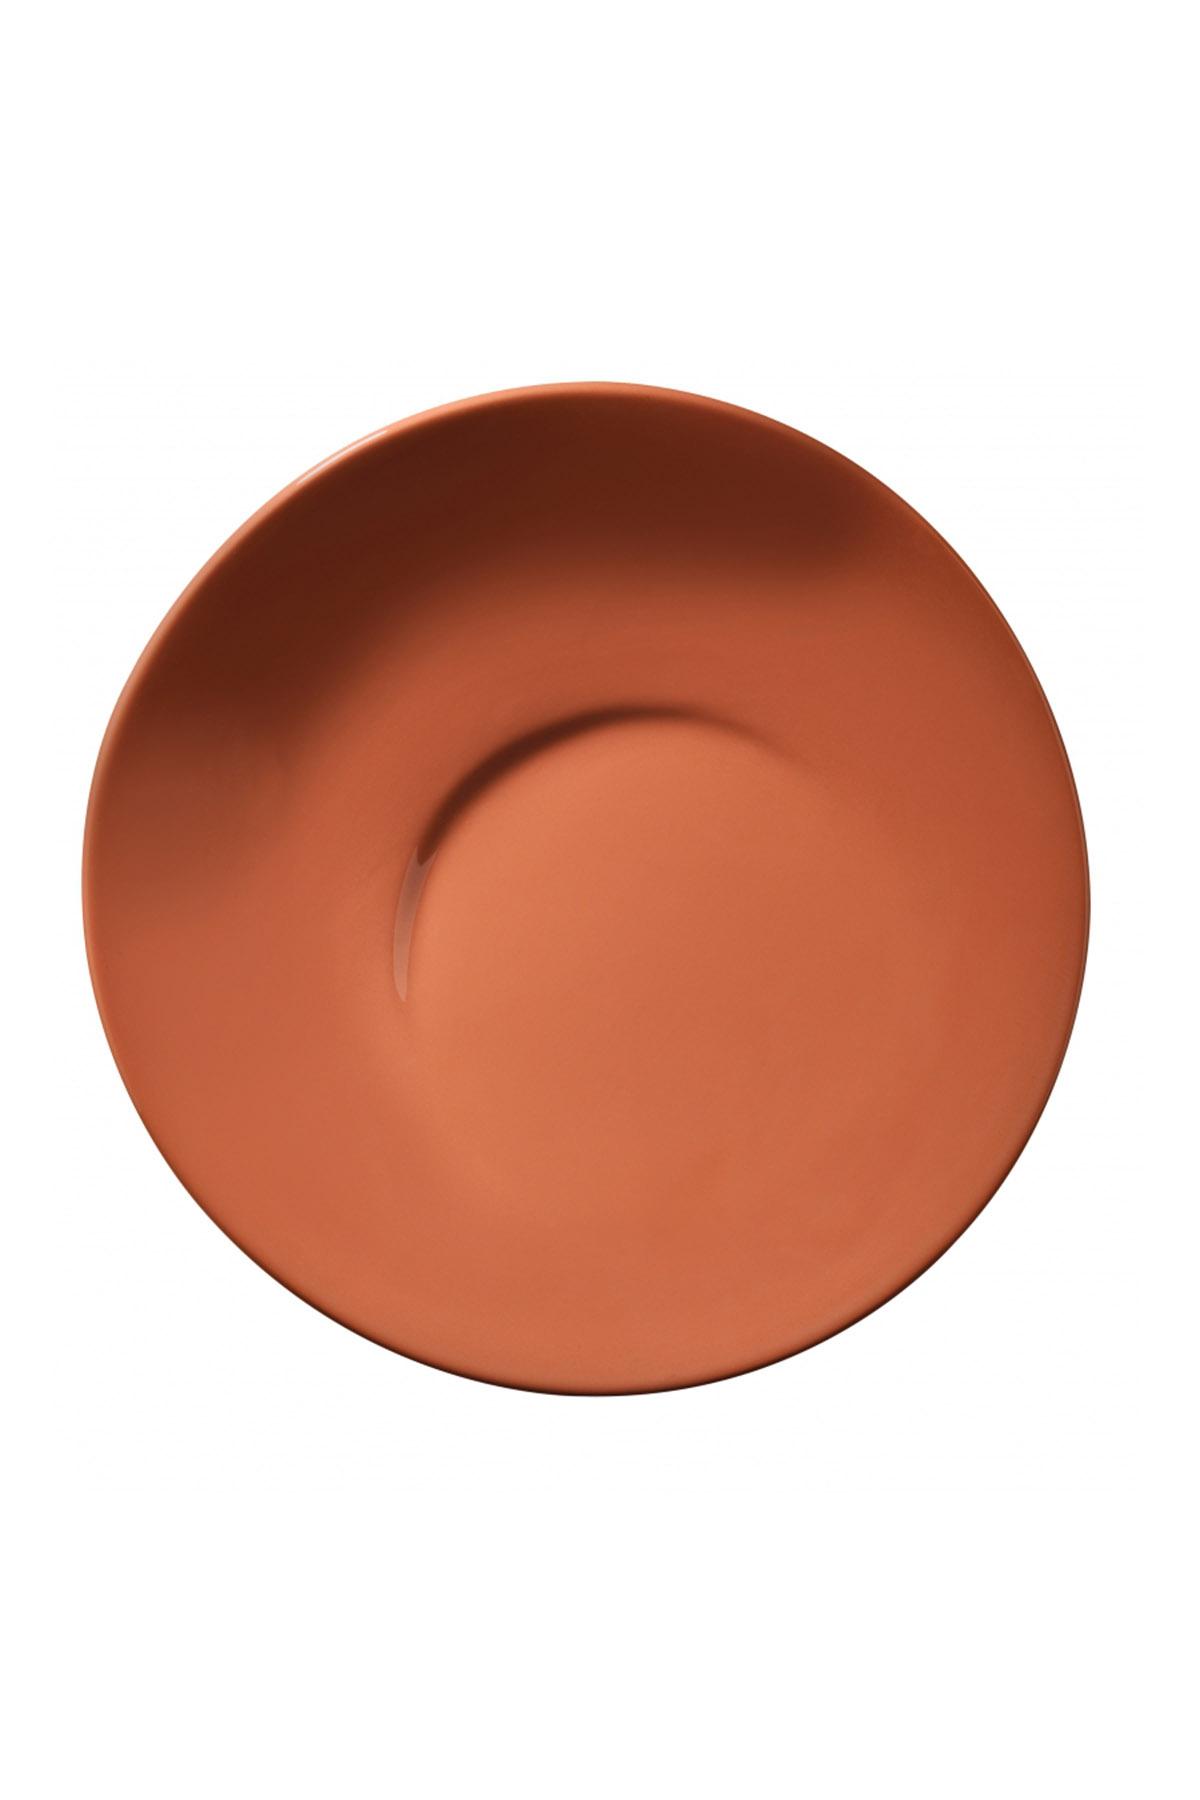 Kütahya Porselen - Aura 20 Cm Düz Tabak Kırmızı